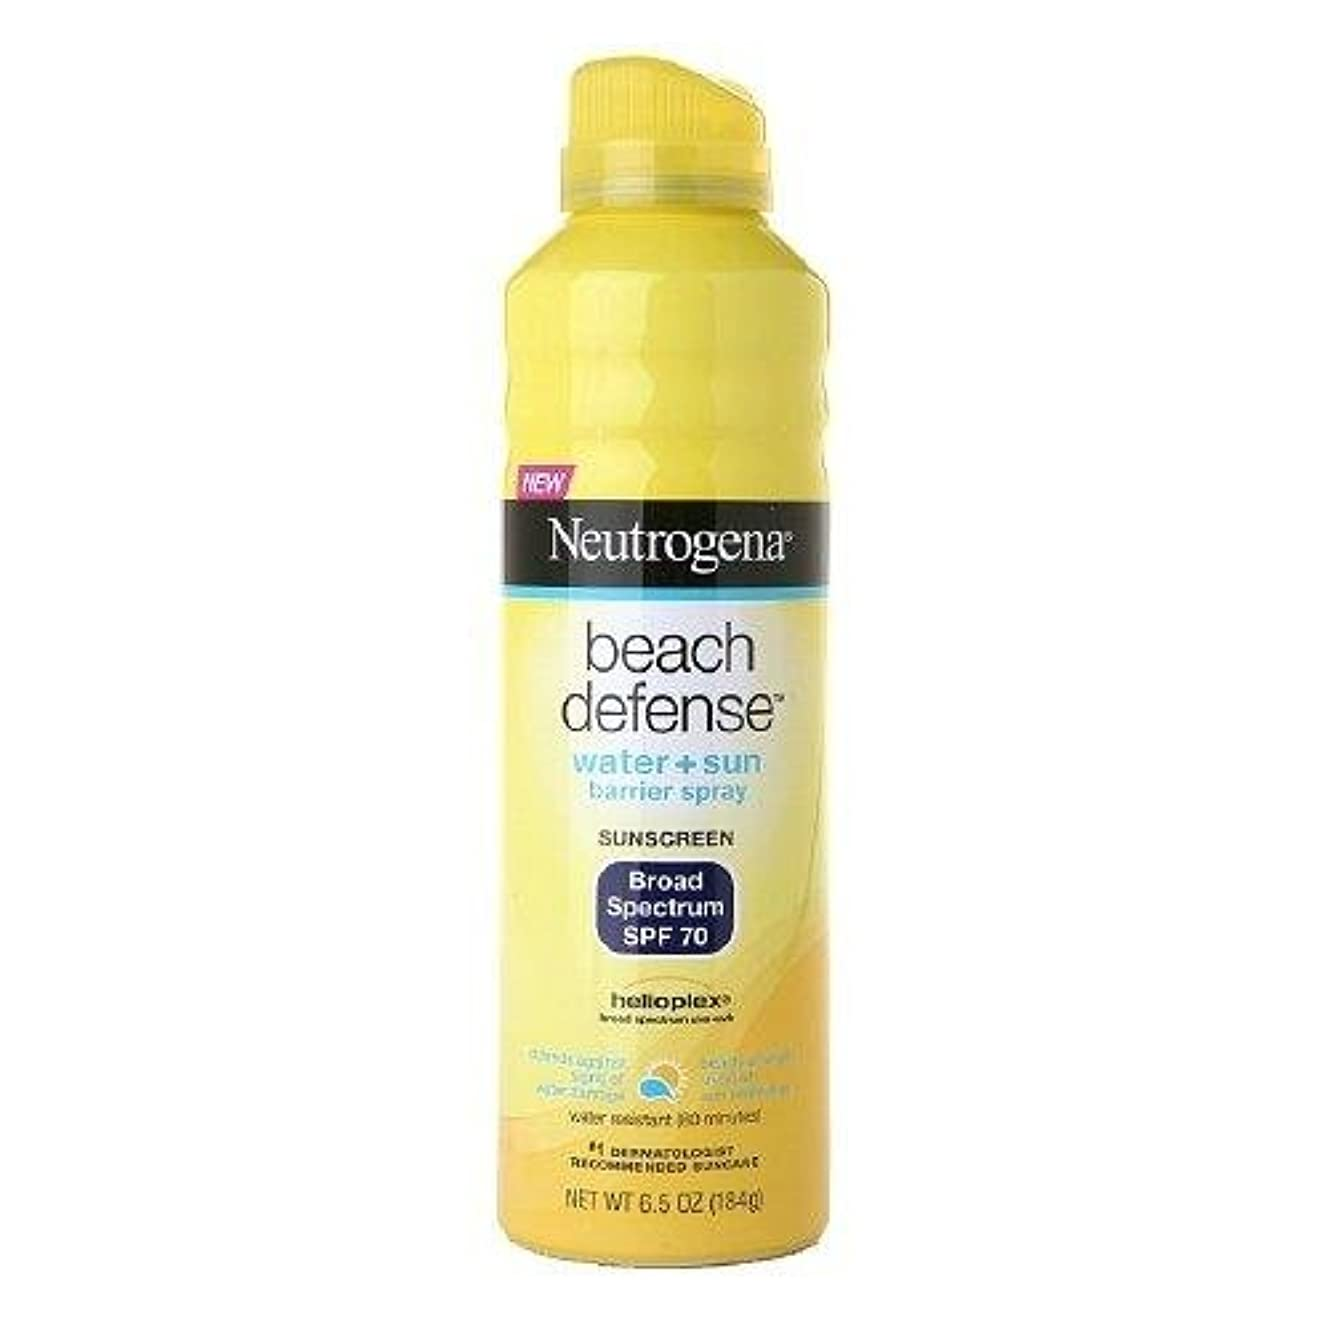 感動する手を差し伸べるモネ【海外直送品】 ニュートロジーナ 皮膚科推薦 日焼け止めスプレー SPF70 184g  Neutrogena Beach Defense Broad Spectrum Sunscreen Spray, SPF 70,...